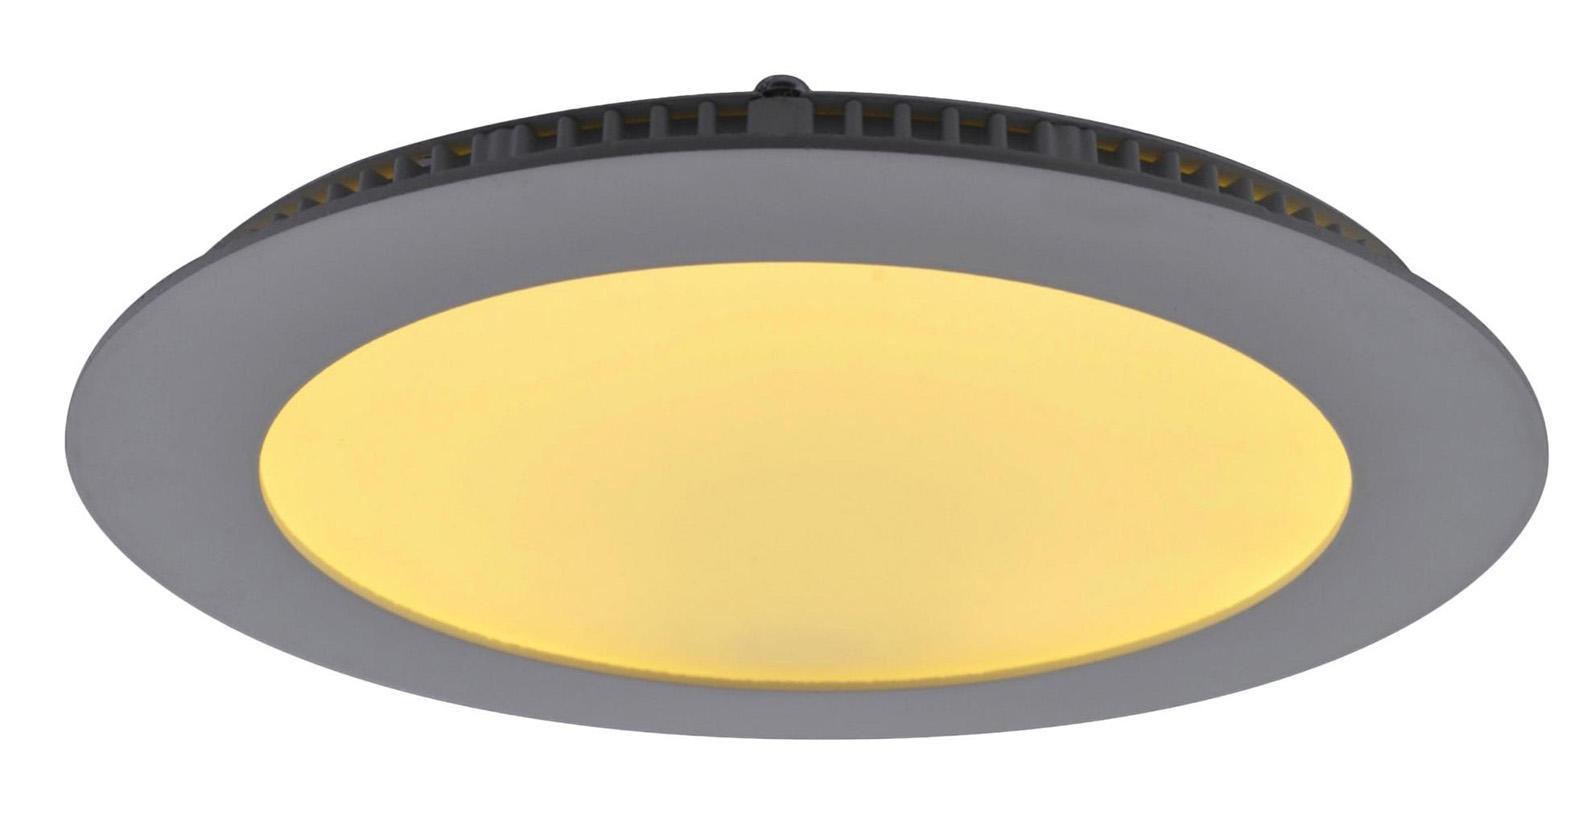 A2612PL-1WH FINE Встраиваемый светильник arte lamp встраиваемый светильник arte lamp fine a2612pl 1wh